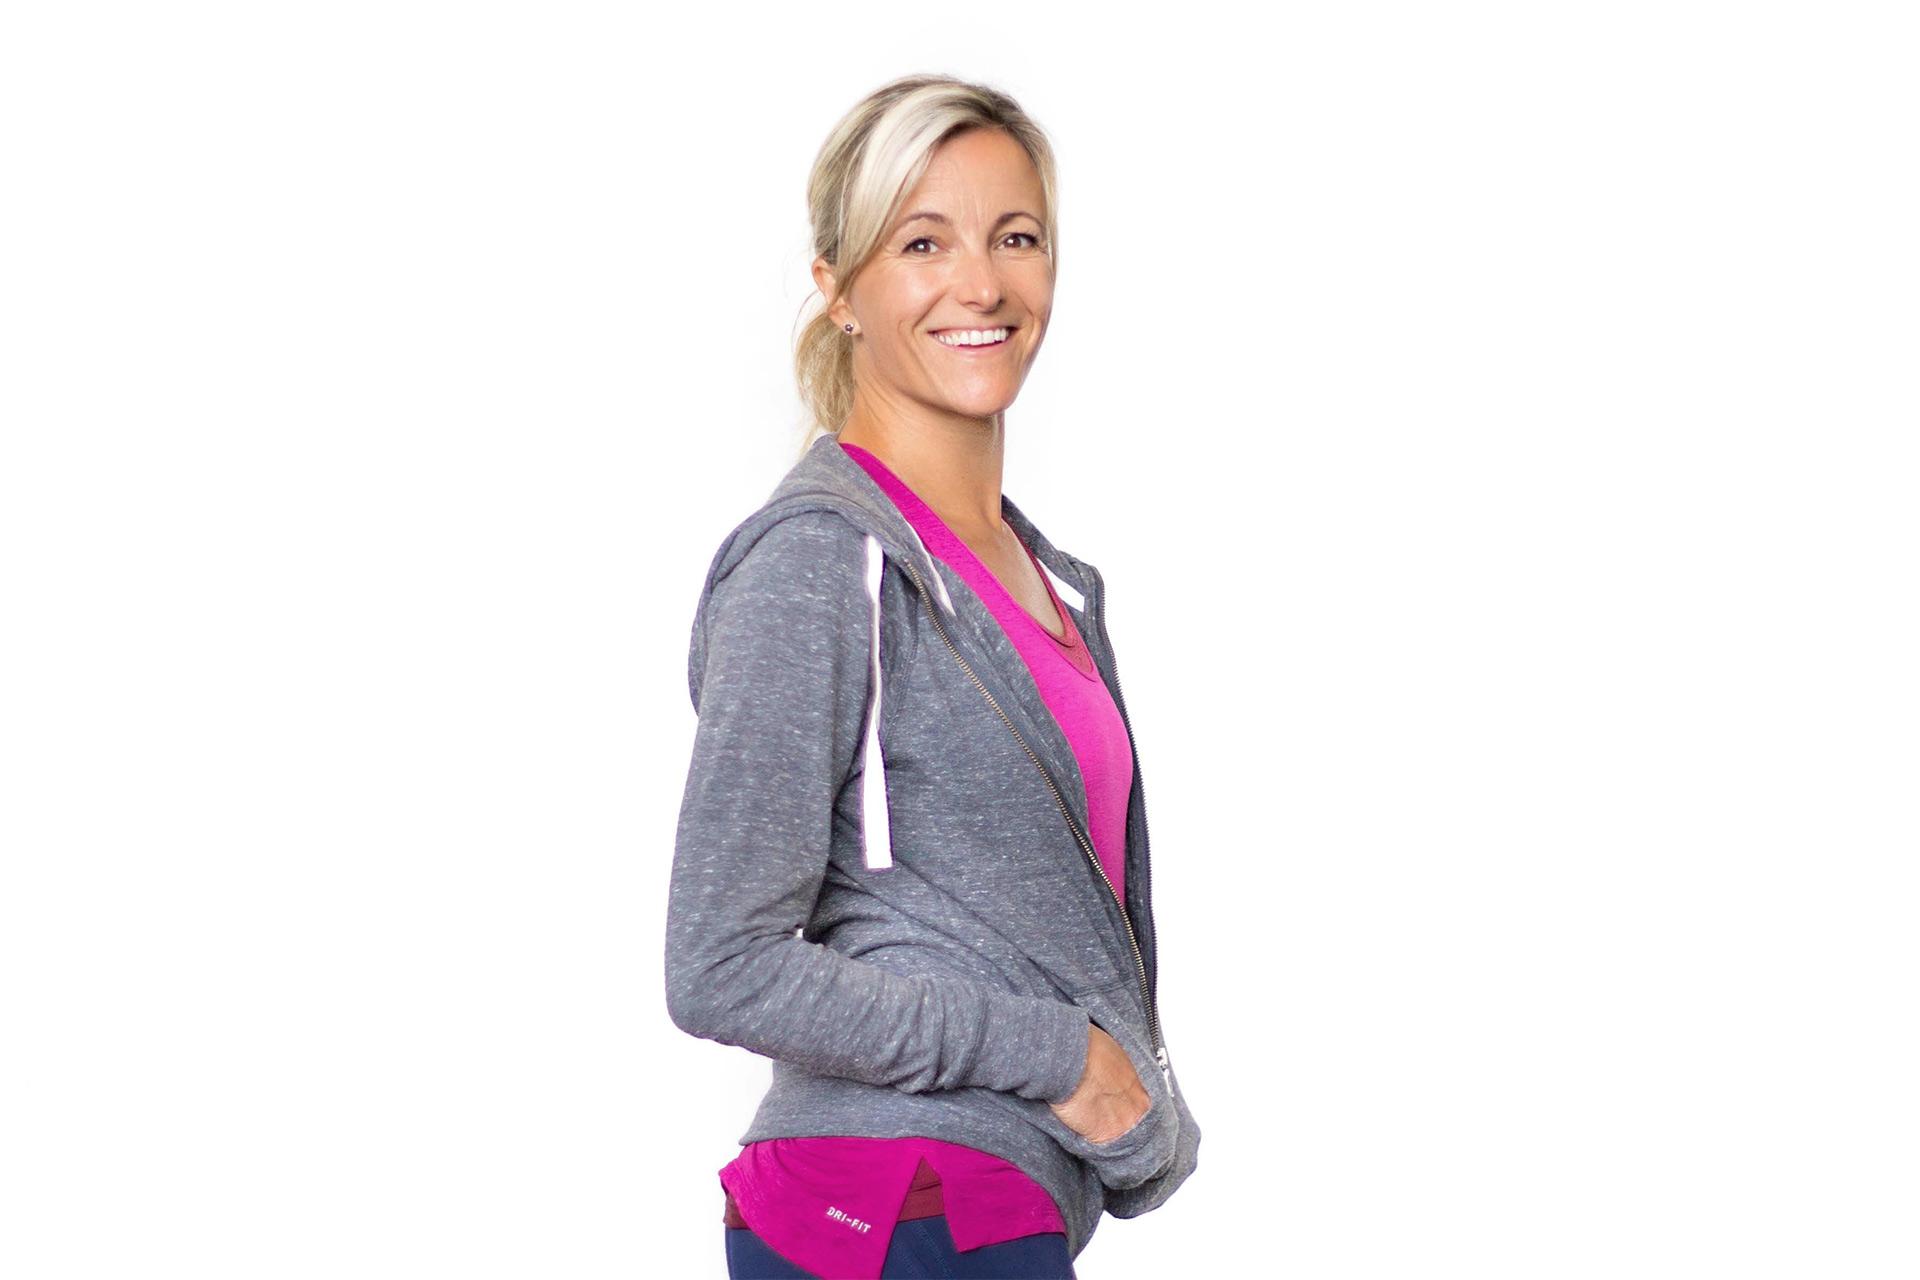 Charlotte Strandbygaard Personlig træner